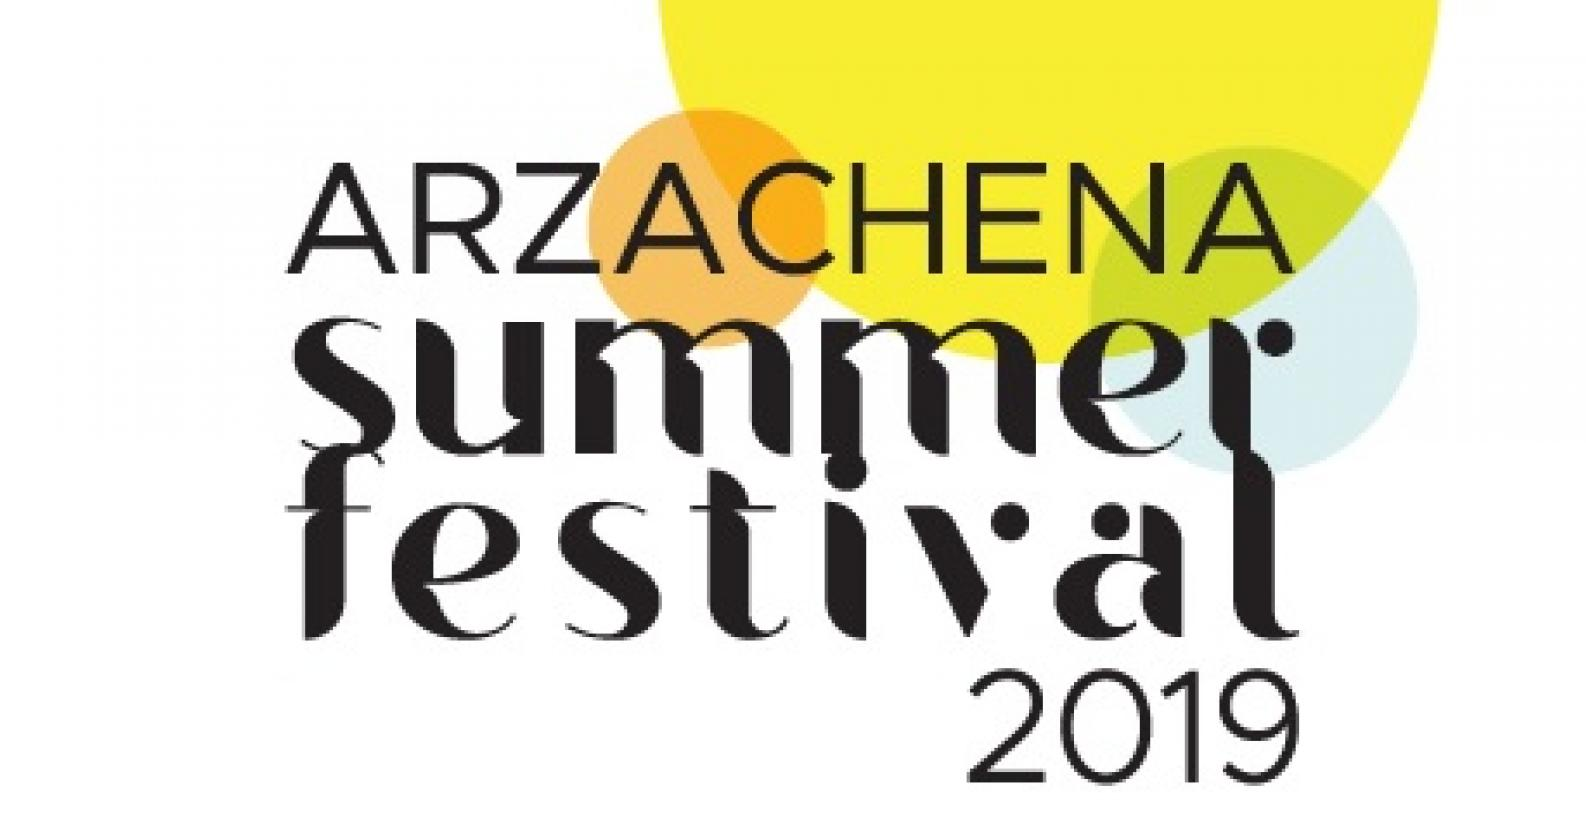 Arzachena Summer